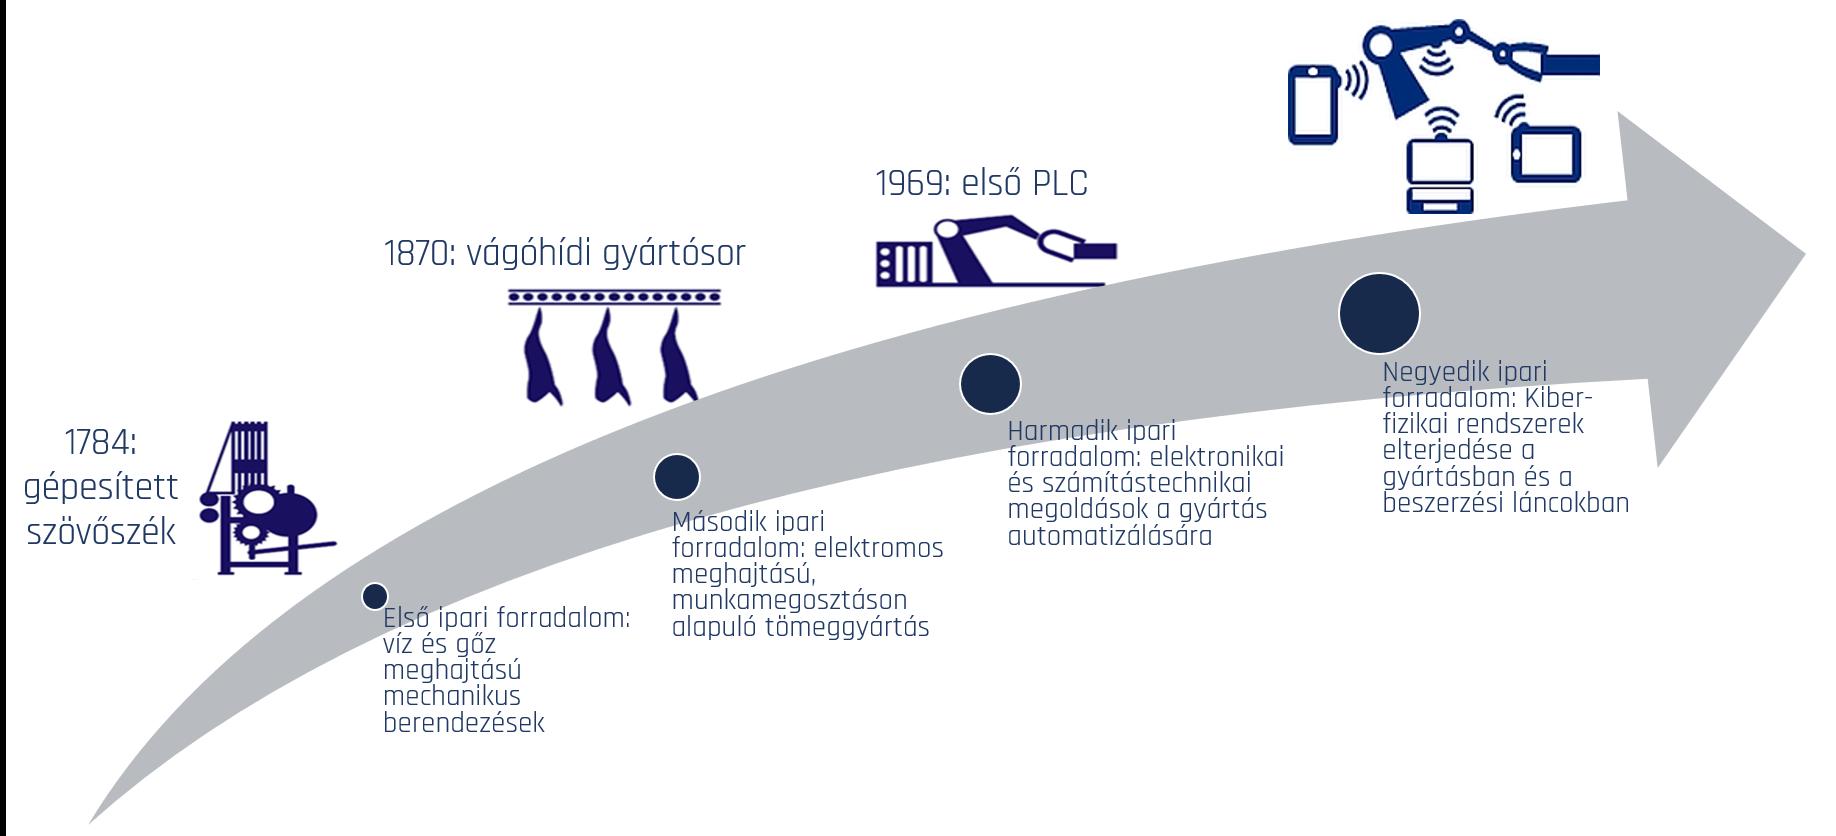 4.0-s megoldások alkalmazásában jól áll az európai ipar Forrás: ipar4.hu